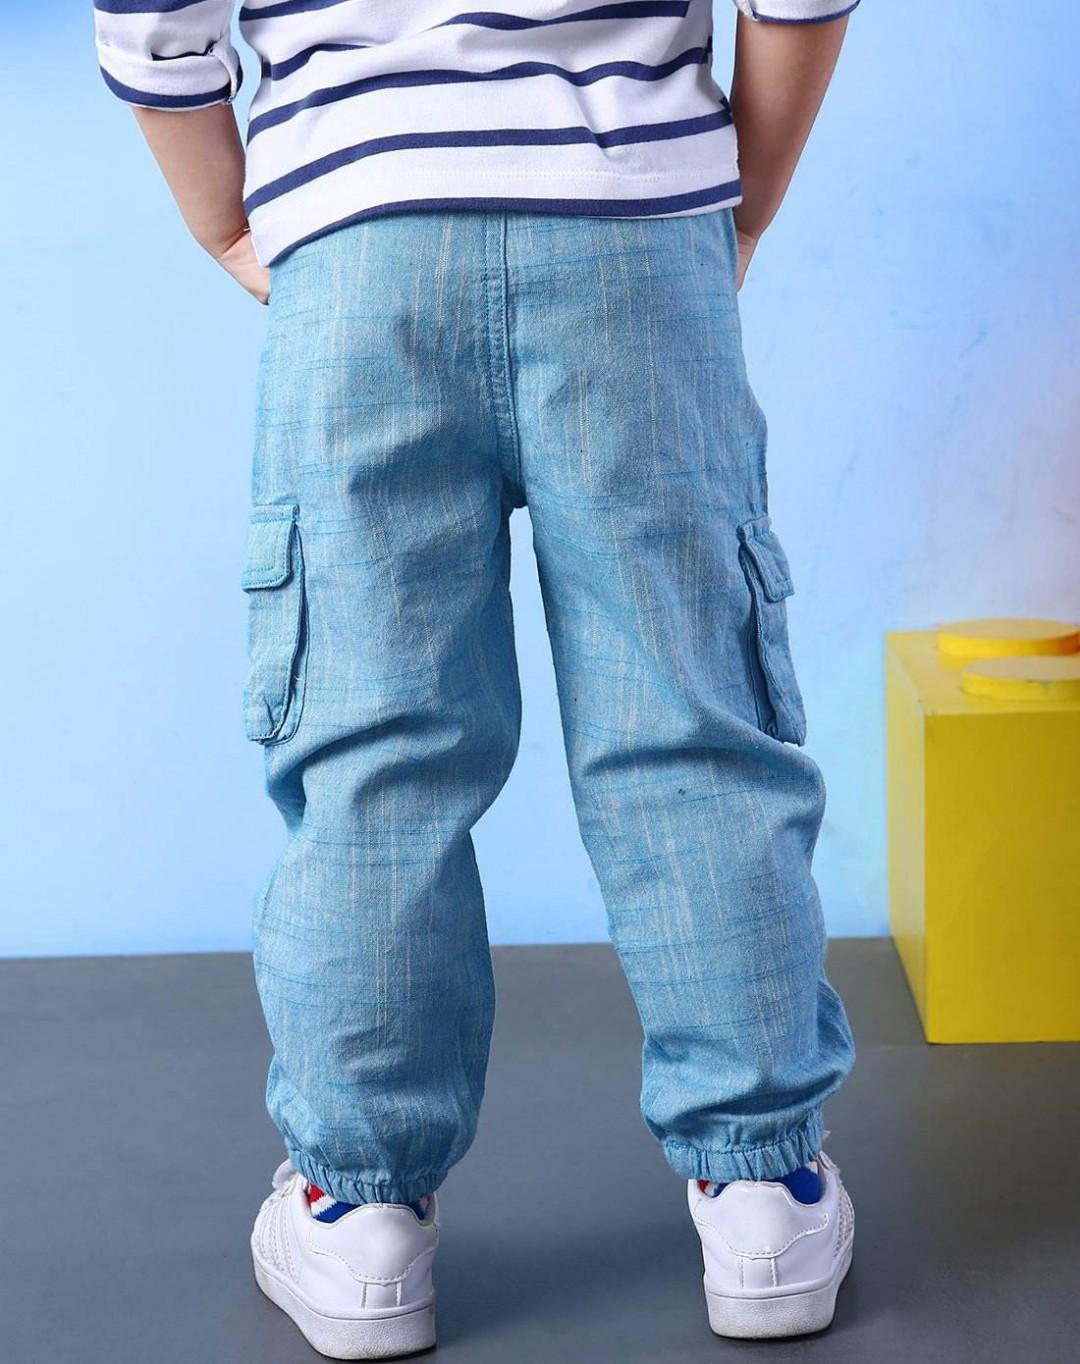 蓝色的裤子搭配 快来看看吧